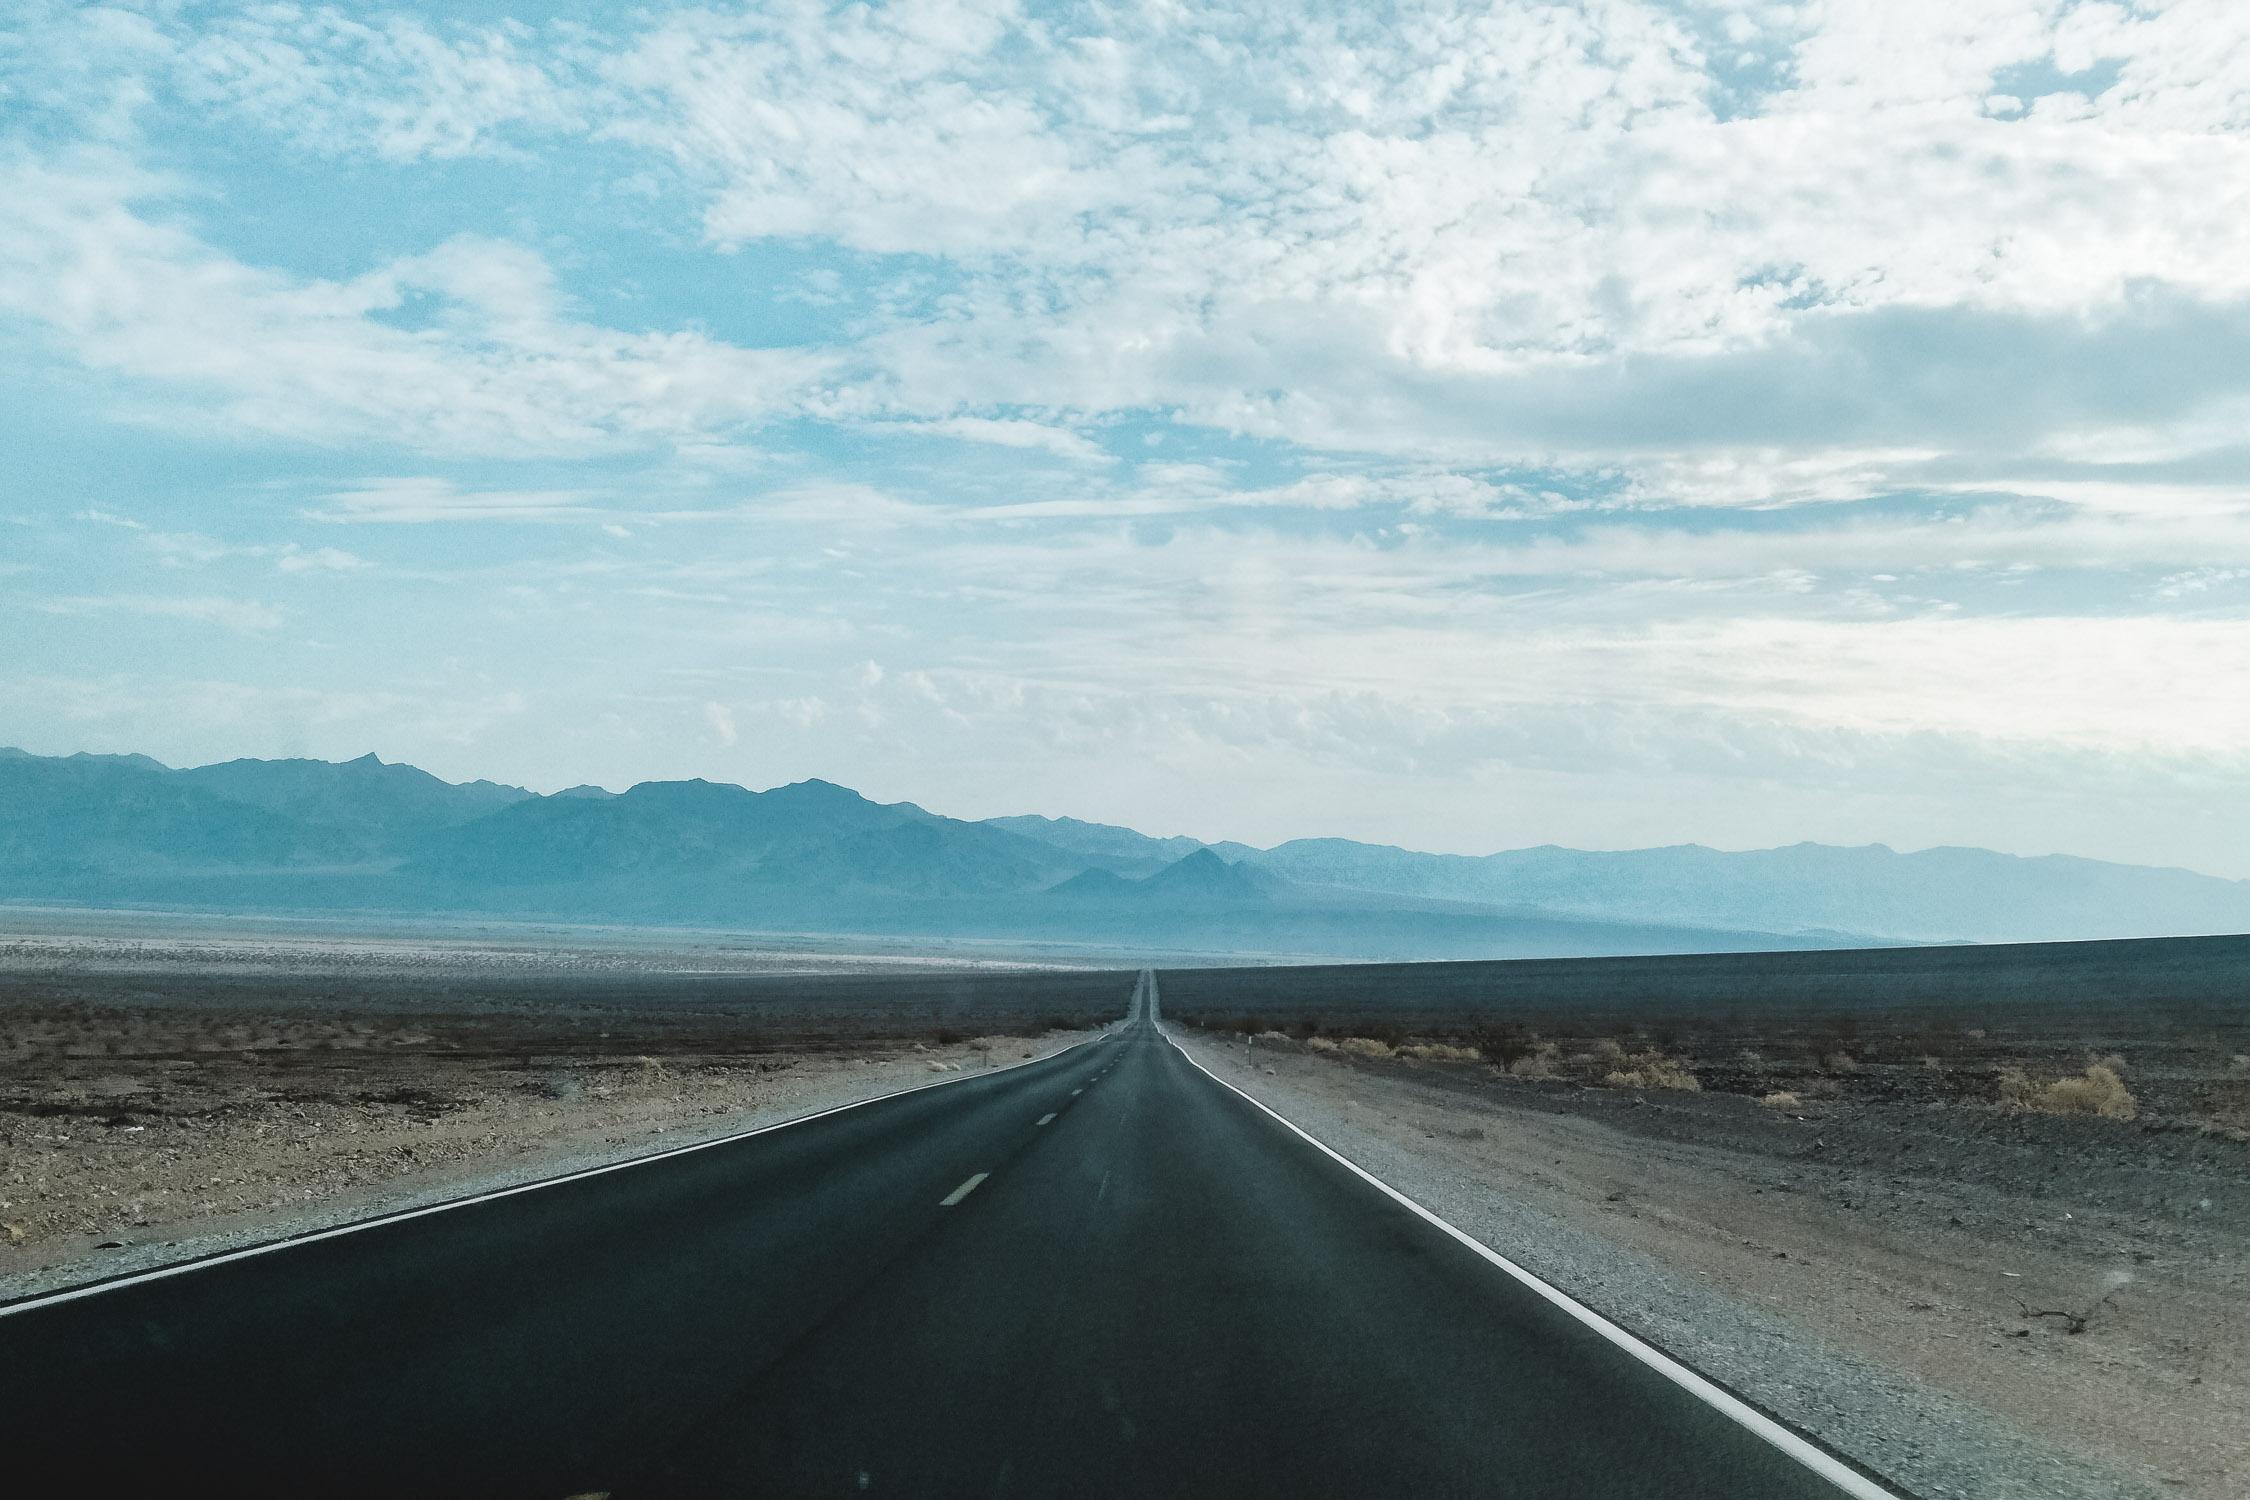 Weite Aussicht auf Highway in Las Vegas